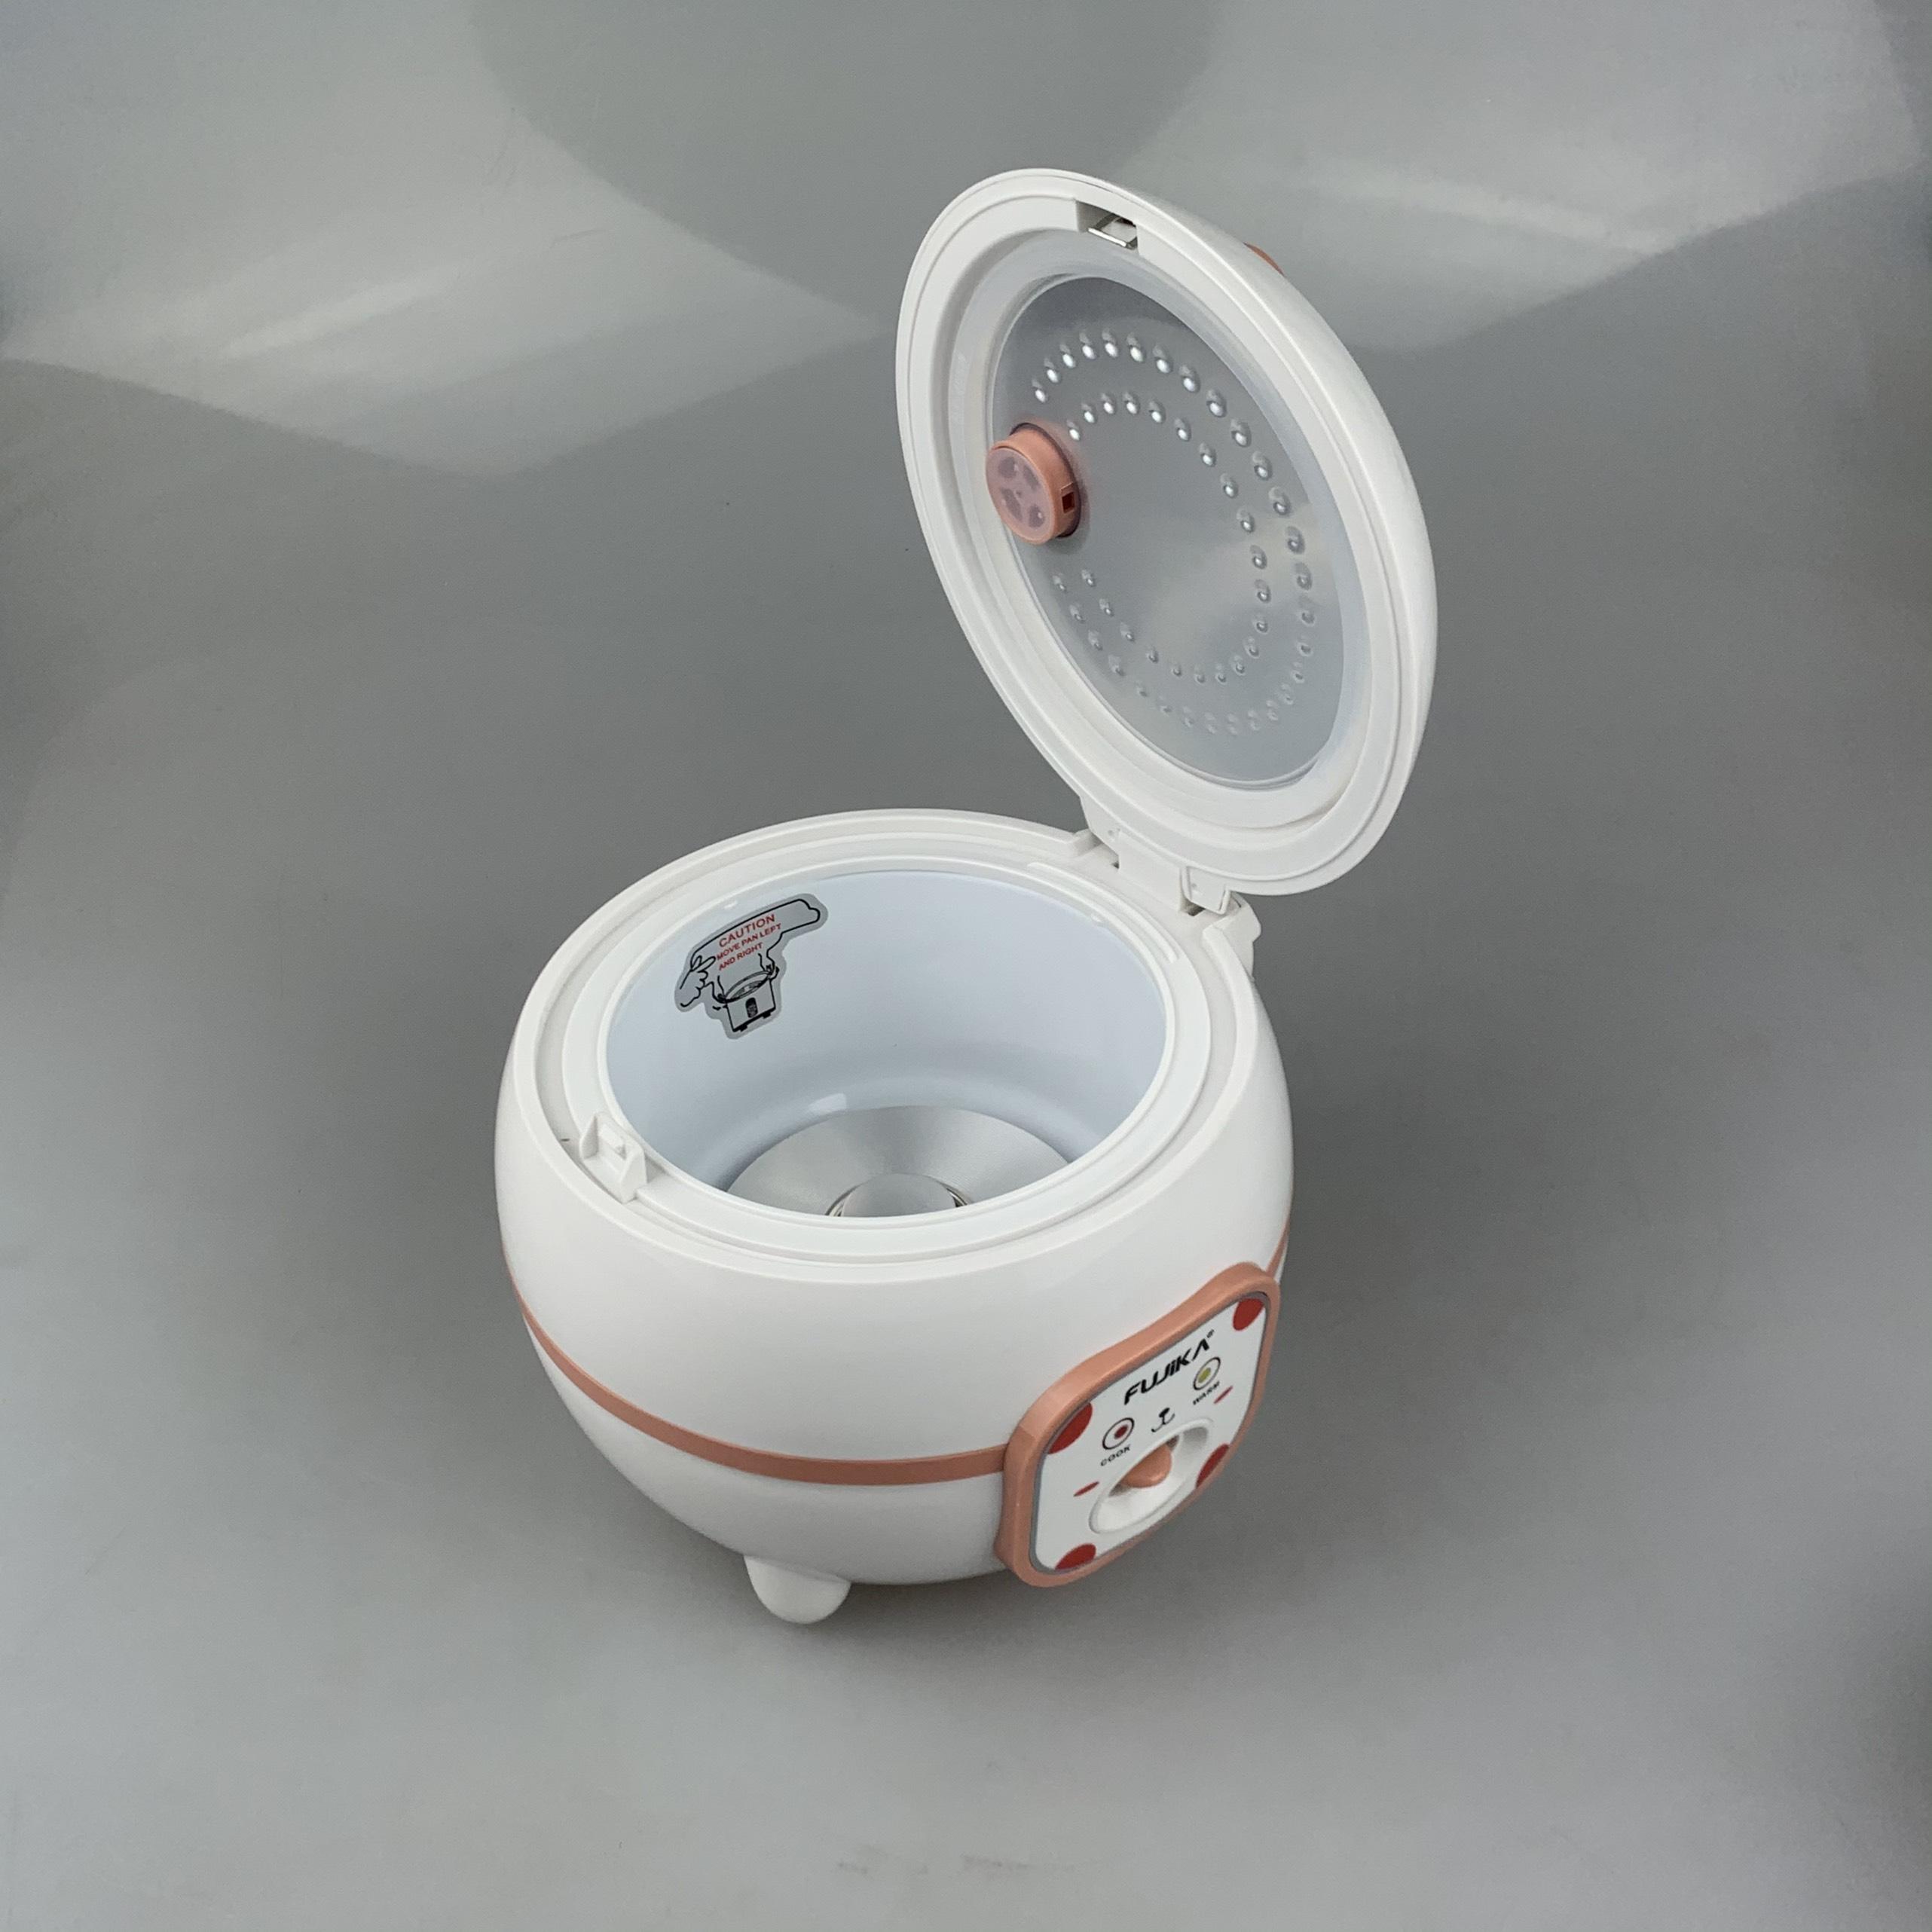 Nồi Cơm Điện 0.8L Fujika FJ-NC0608 Nắp Gài Chống Dính Tiết Kiệm Điện Cho 2-3 Người Ăn (Giao Màu Ngẫu Nhiên)-Hàng Chính Hãng